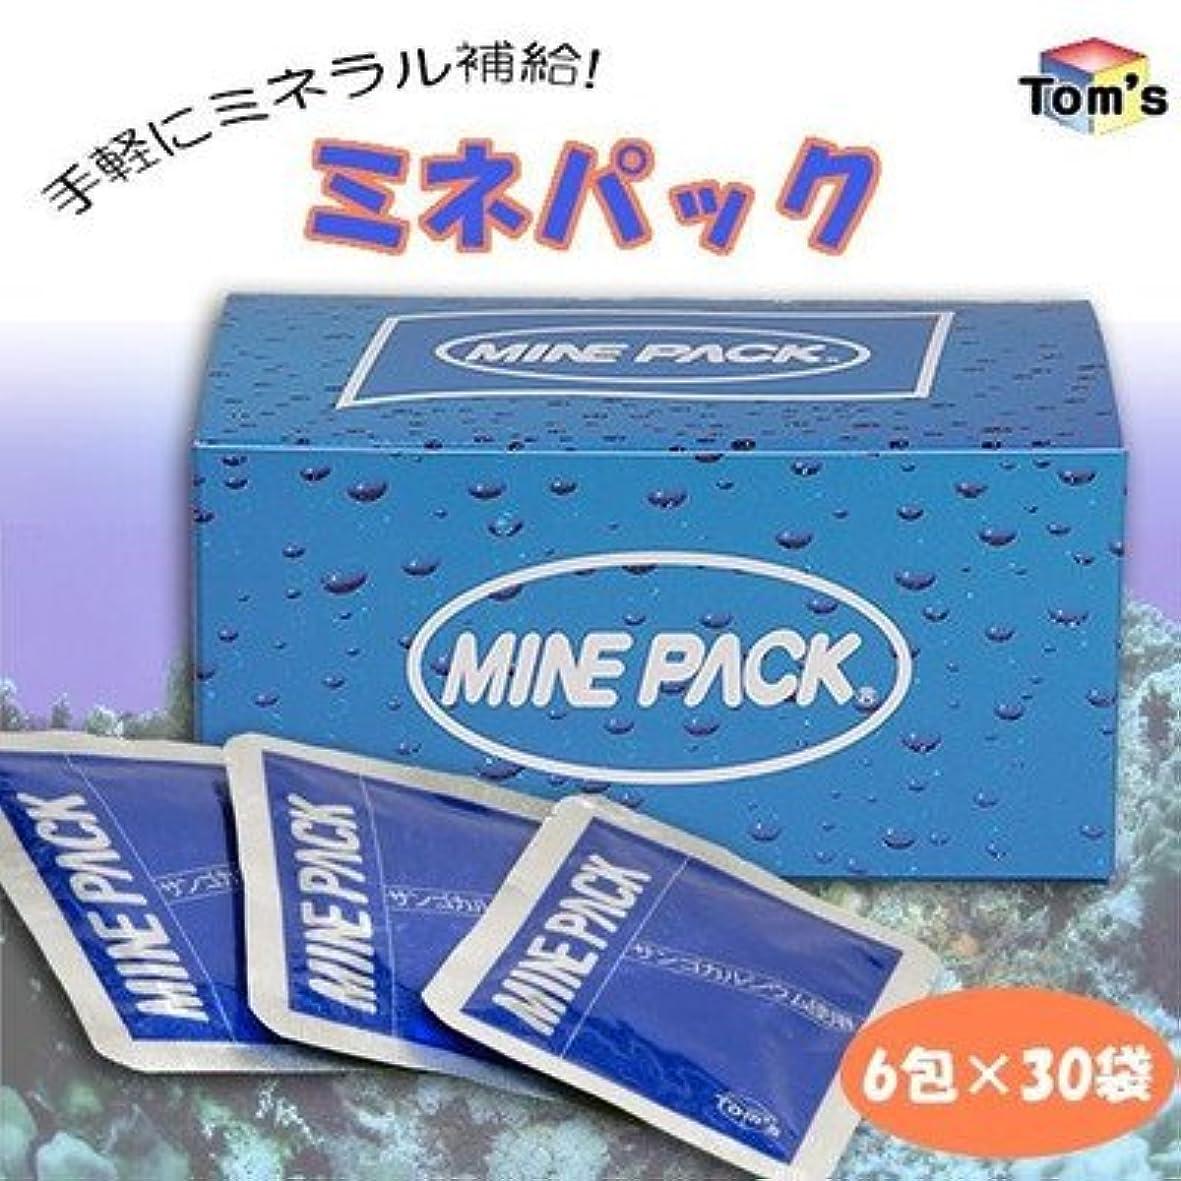 教養があるハックシニス手軽にミネラル補給 ミネパック 1箱(6包×30袋)